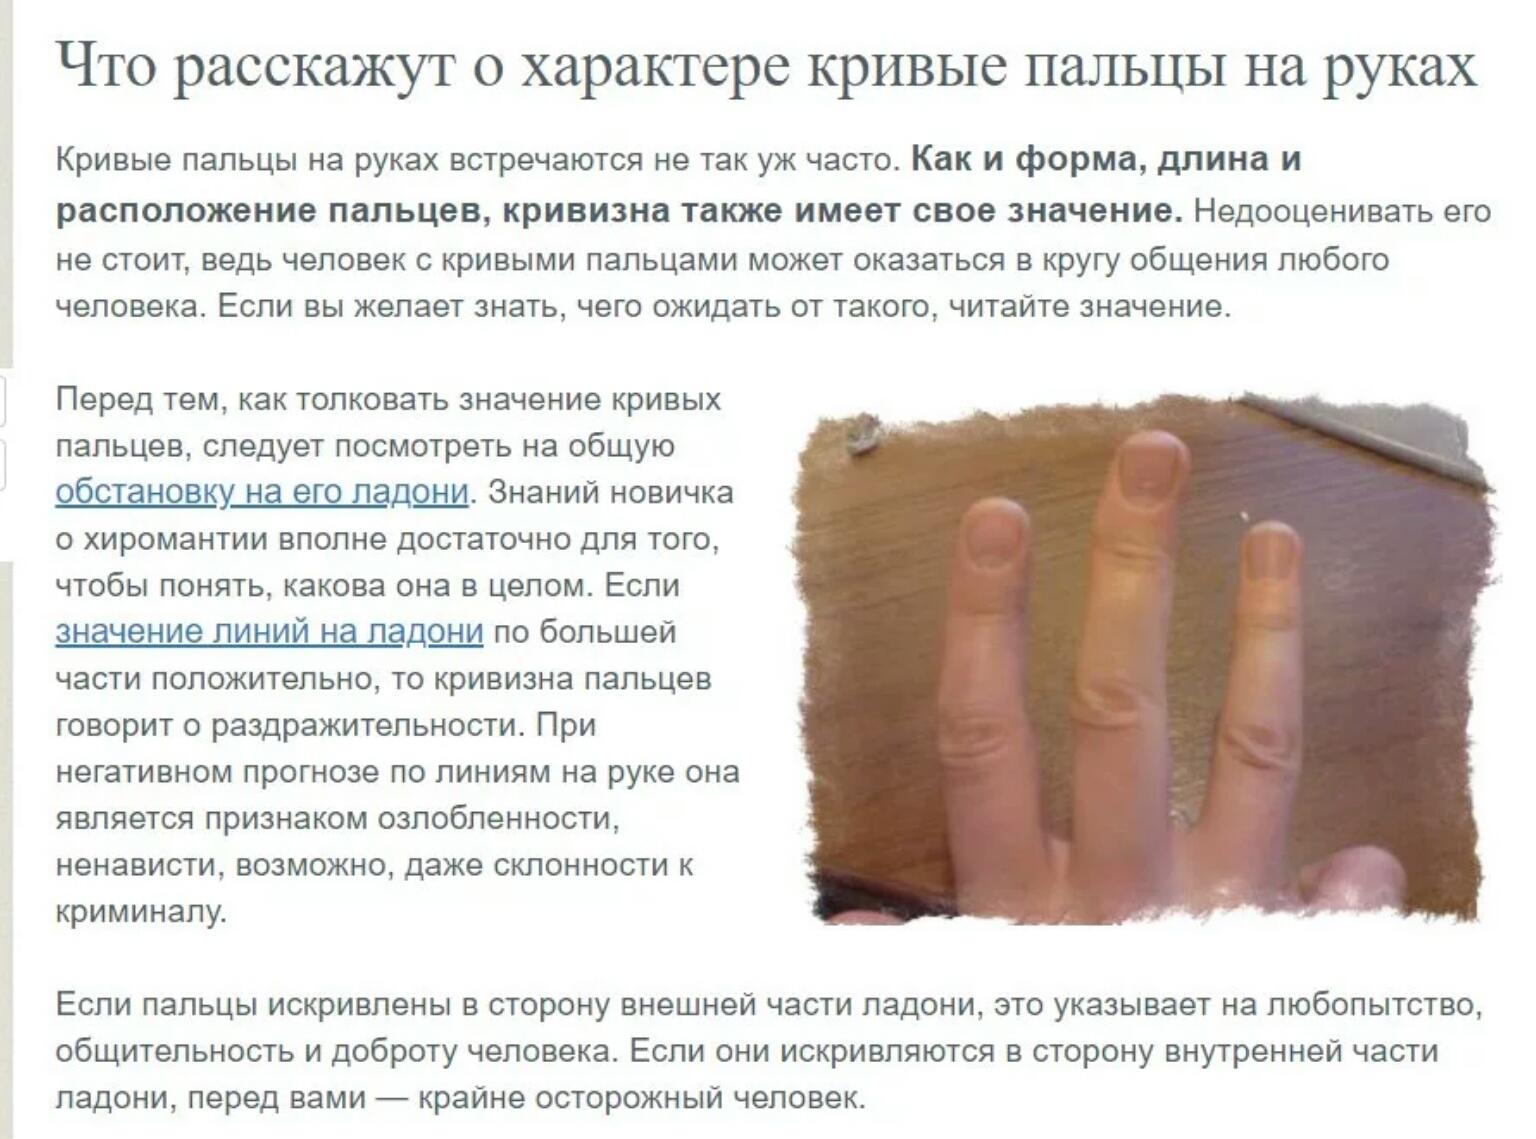 Если у мужчины короткие пальцы на руках. что говорит длина пальцев о характере?